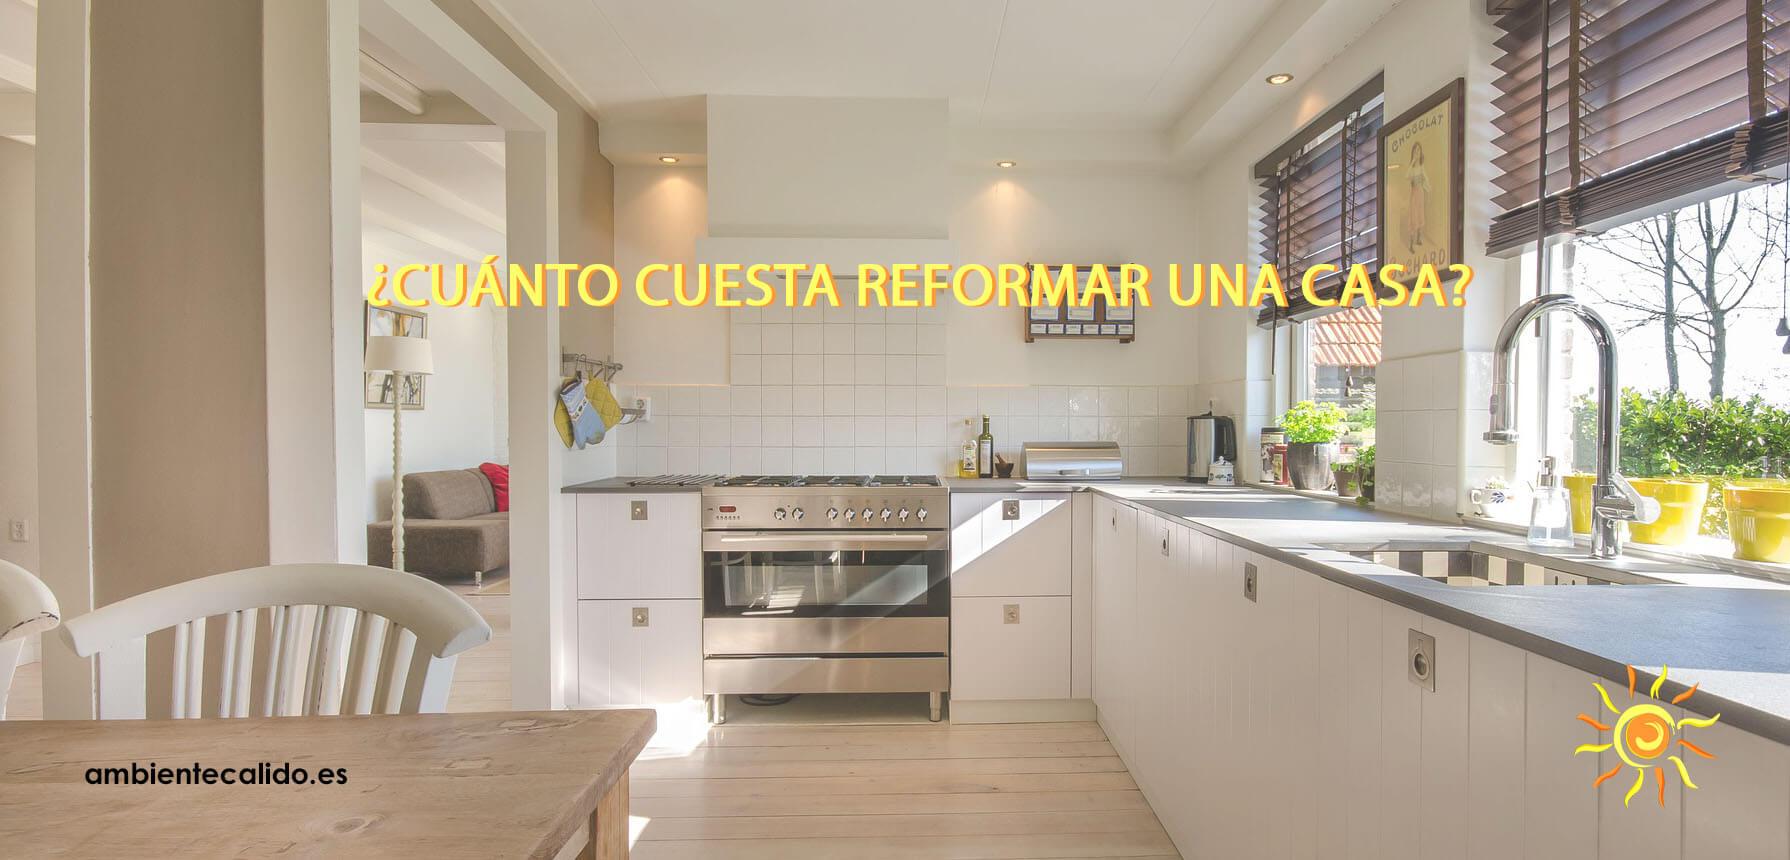 Cu nto cuesta reformar una casa manual paso a paso ambiente c lido - Reformas en casas ...